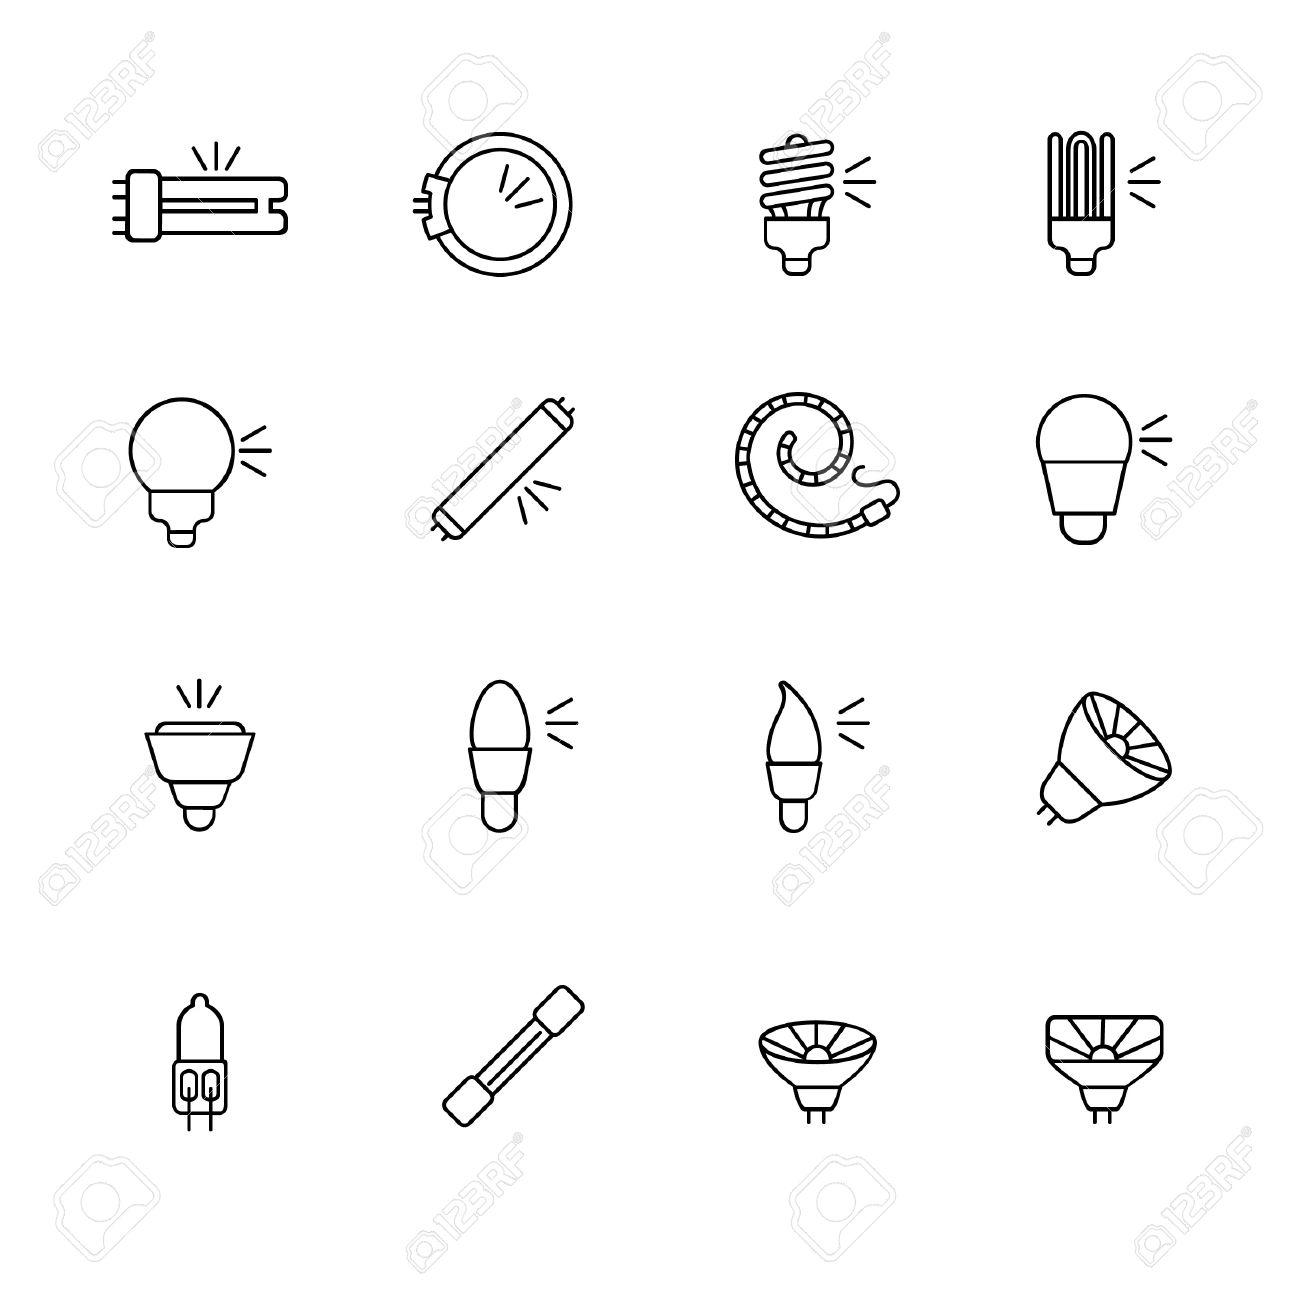 Arten Von Glühbirnen Für Verschiedene Arten Von Beleuchtung Als ...